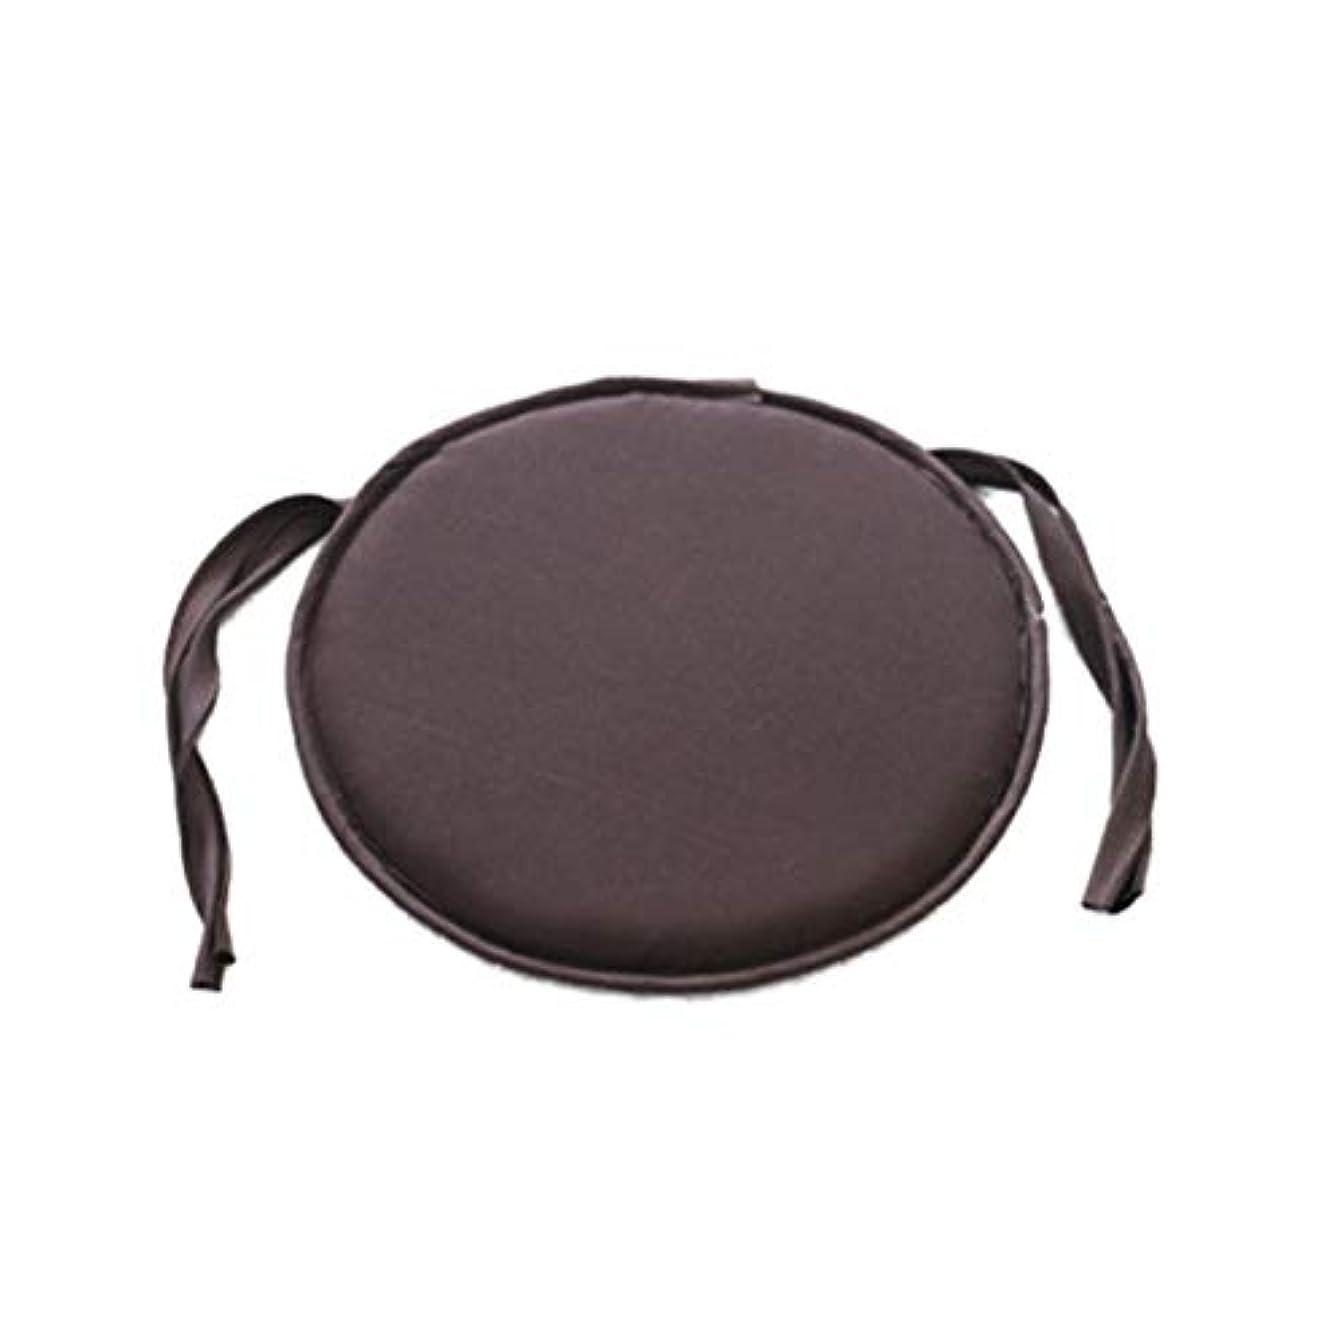 紛争ポスト印象派施設SMART ホット販売ラウンドチェアクッション屋内ポップパティオオフィスチェアシートパッドネクタイスクエアガーデンキッチンダイニングクッション クッション 椅子